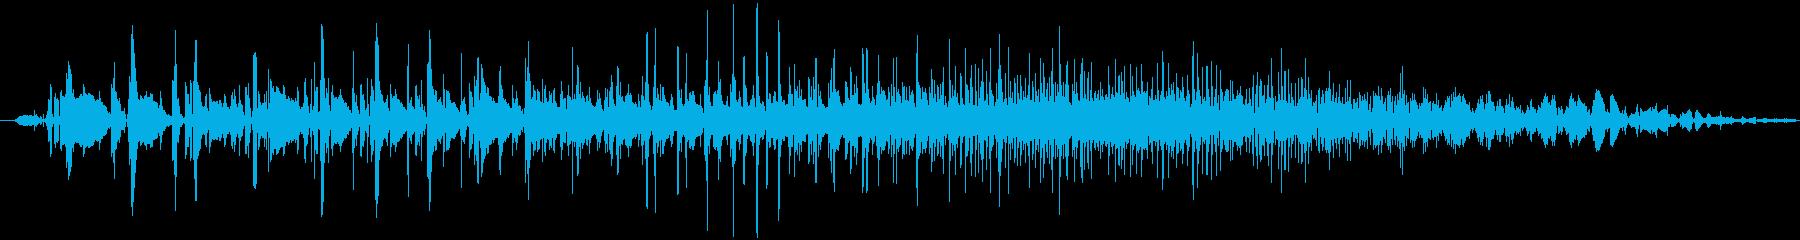 クイックザップの再生済みの波形